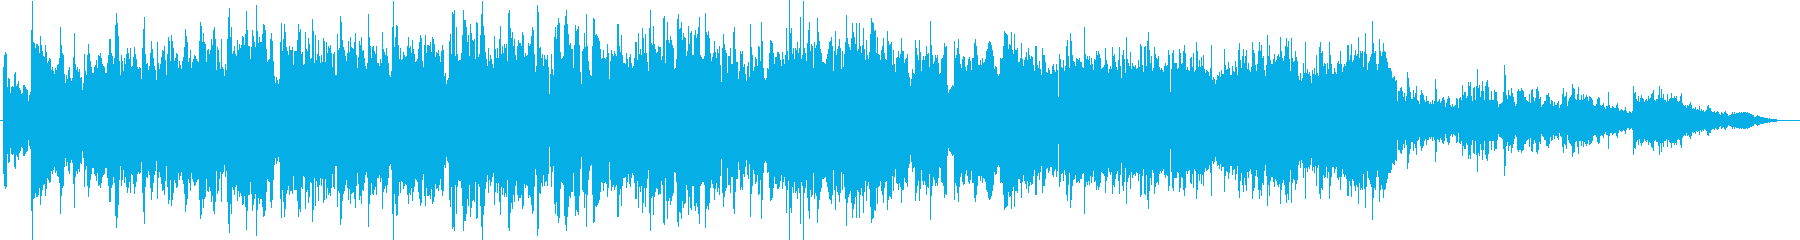 別れの場面をイメージしたインストバラードの再生済みの波形